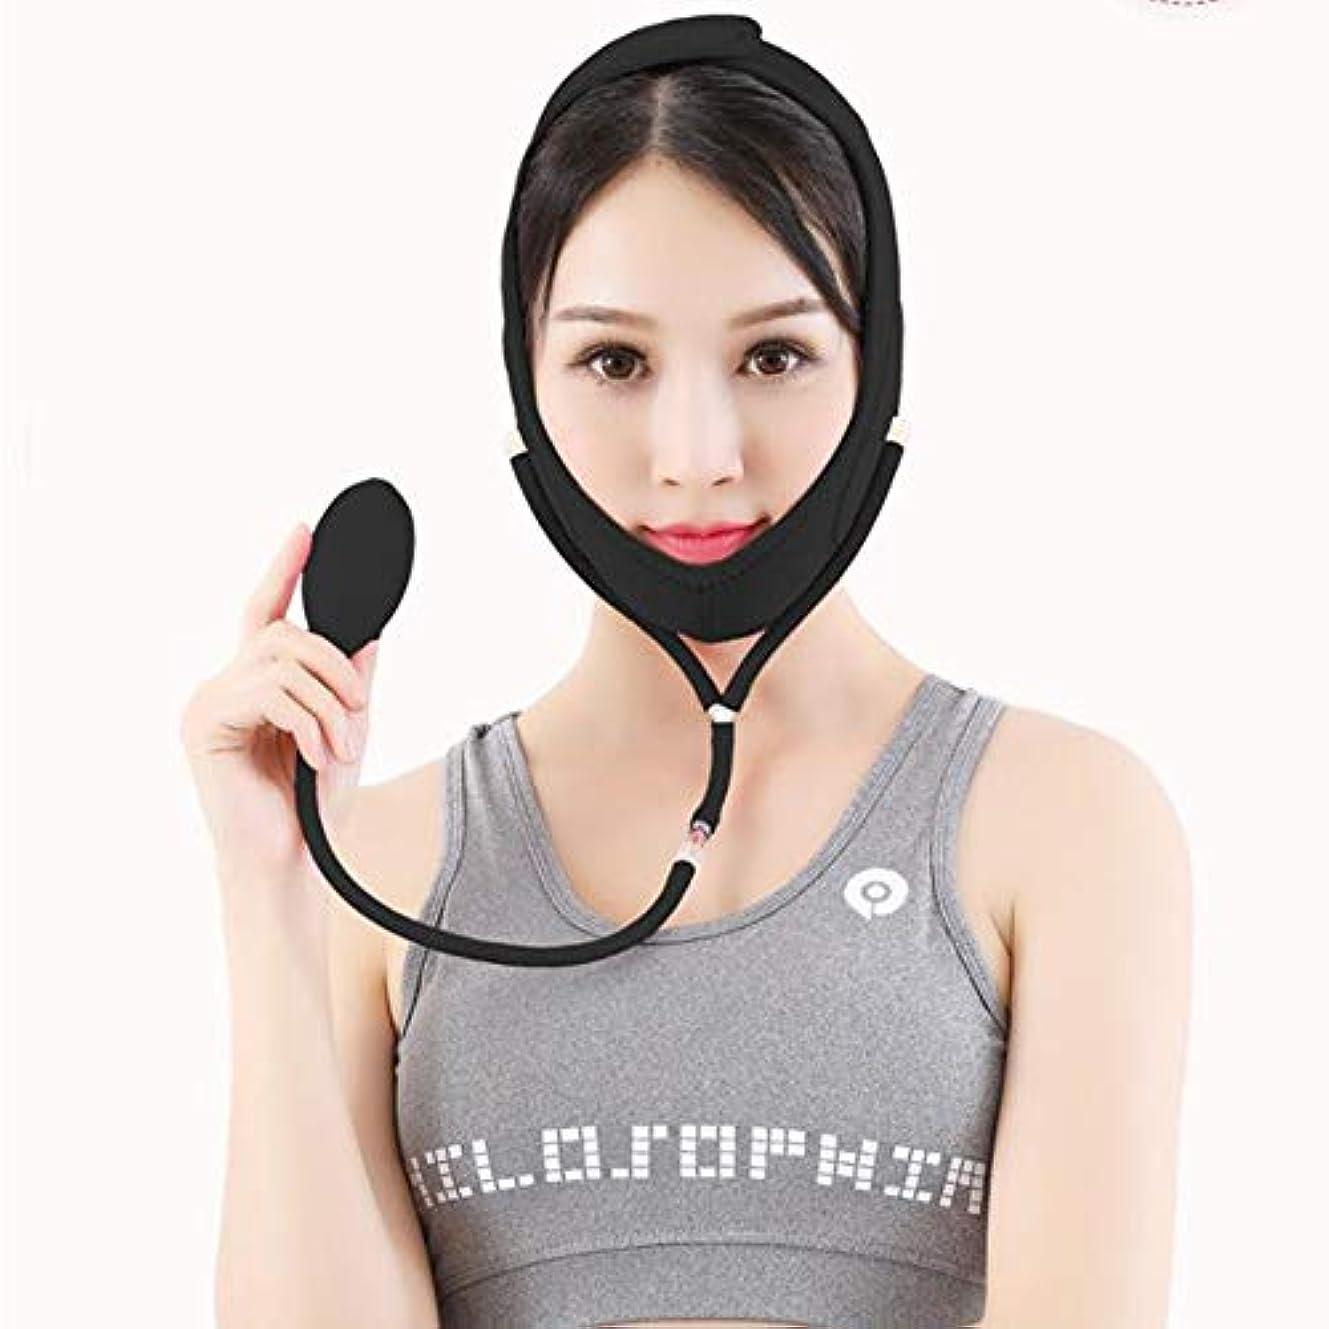 ロードブロッキンググラフ瞬時にGYZ フェイシャルリフティング痩身ベルトダブルエアバッグ圧力調整フェイス包帯マスク整形マスクが顔を引き締める Thin Face Belt (Color : Black, Size : M)